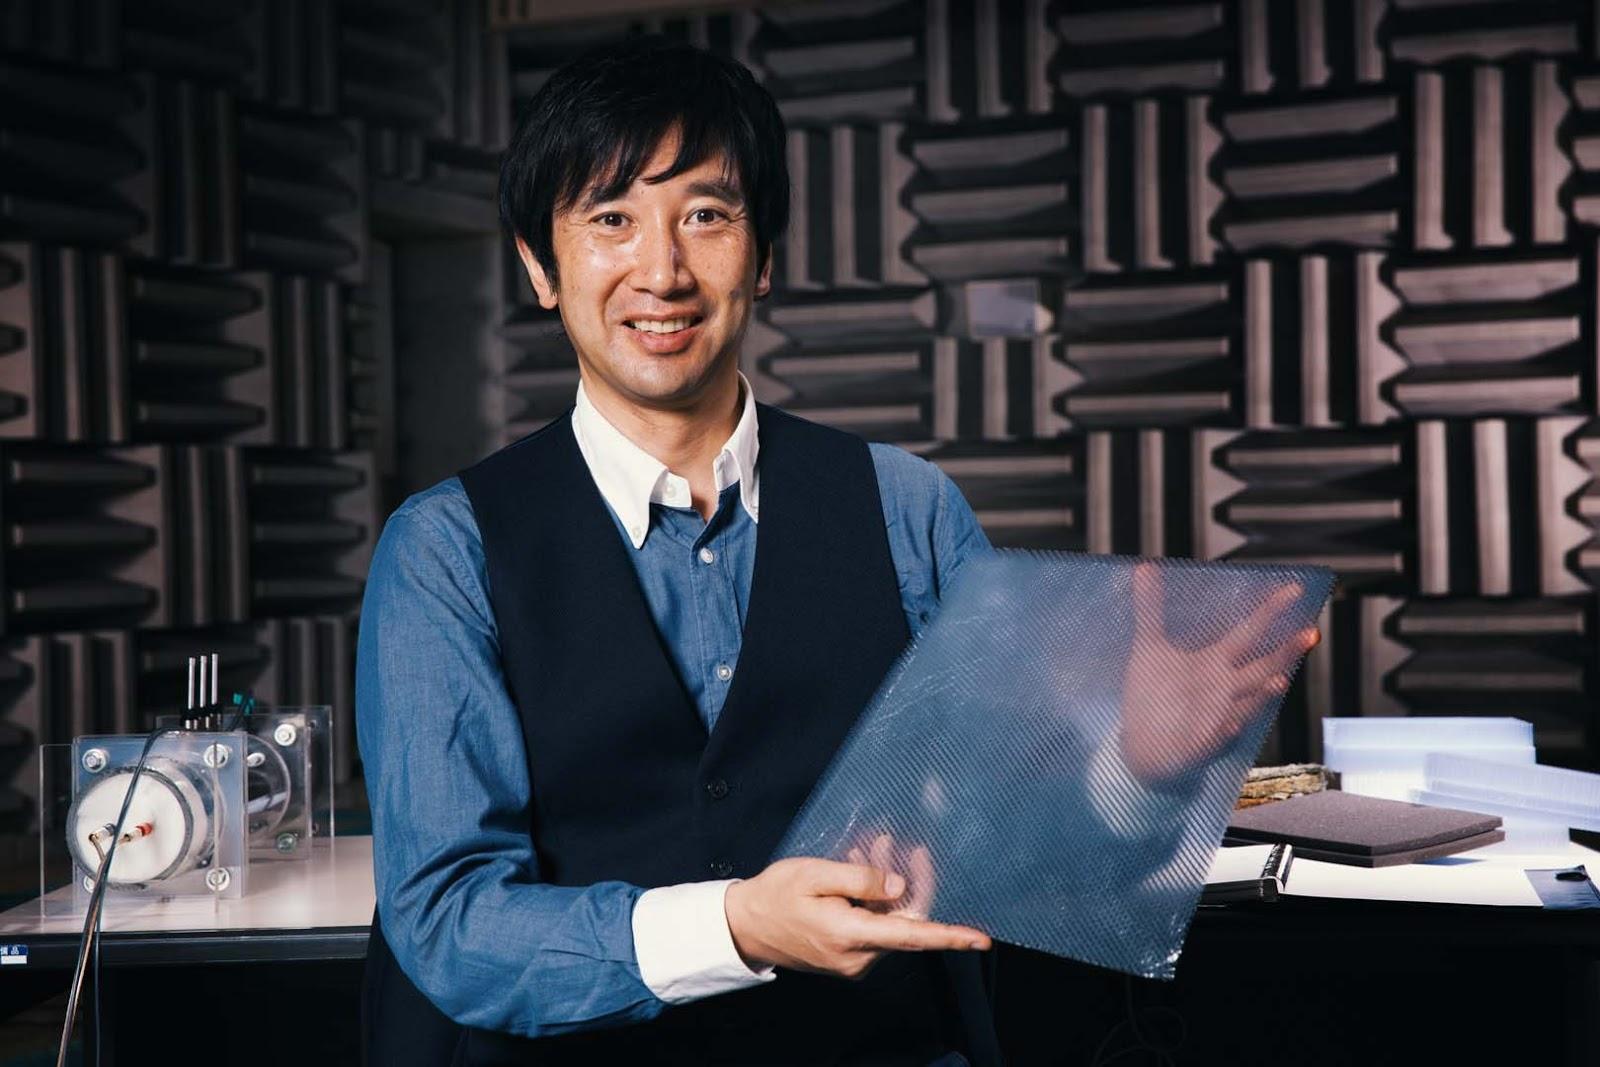 Acoustic2Bmeta material Image01 Η καινοτομία της Nissan που κάνει τα αυτοκίνητα πιο αθόρυβα, κατέκτησε το βραβείο Popular Science Nissan, βραβείο, ειδήσεις, καινοτομία